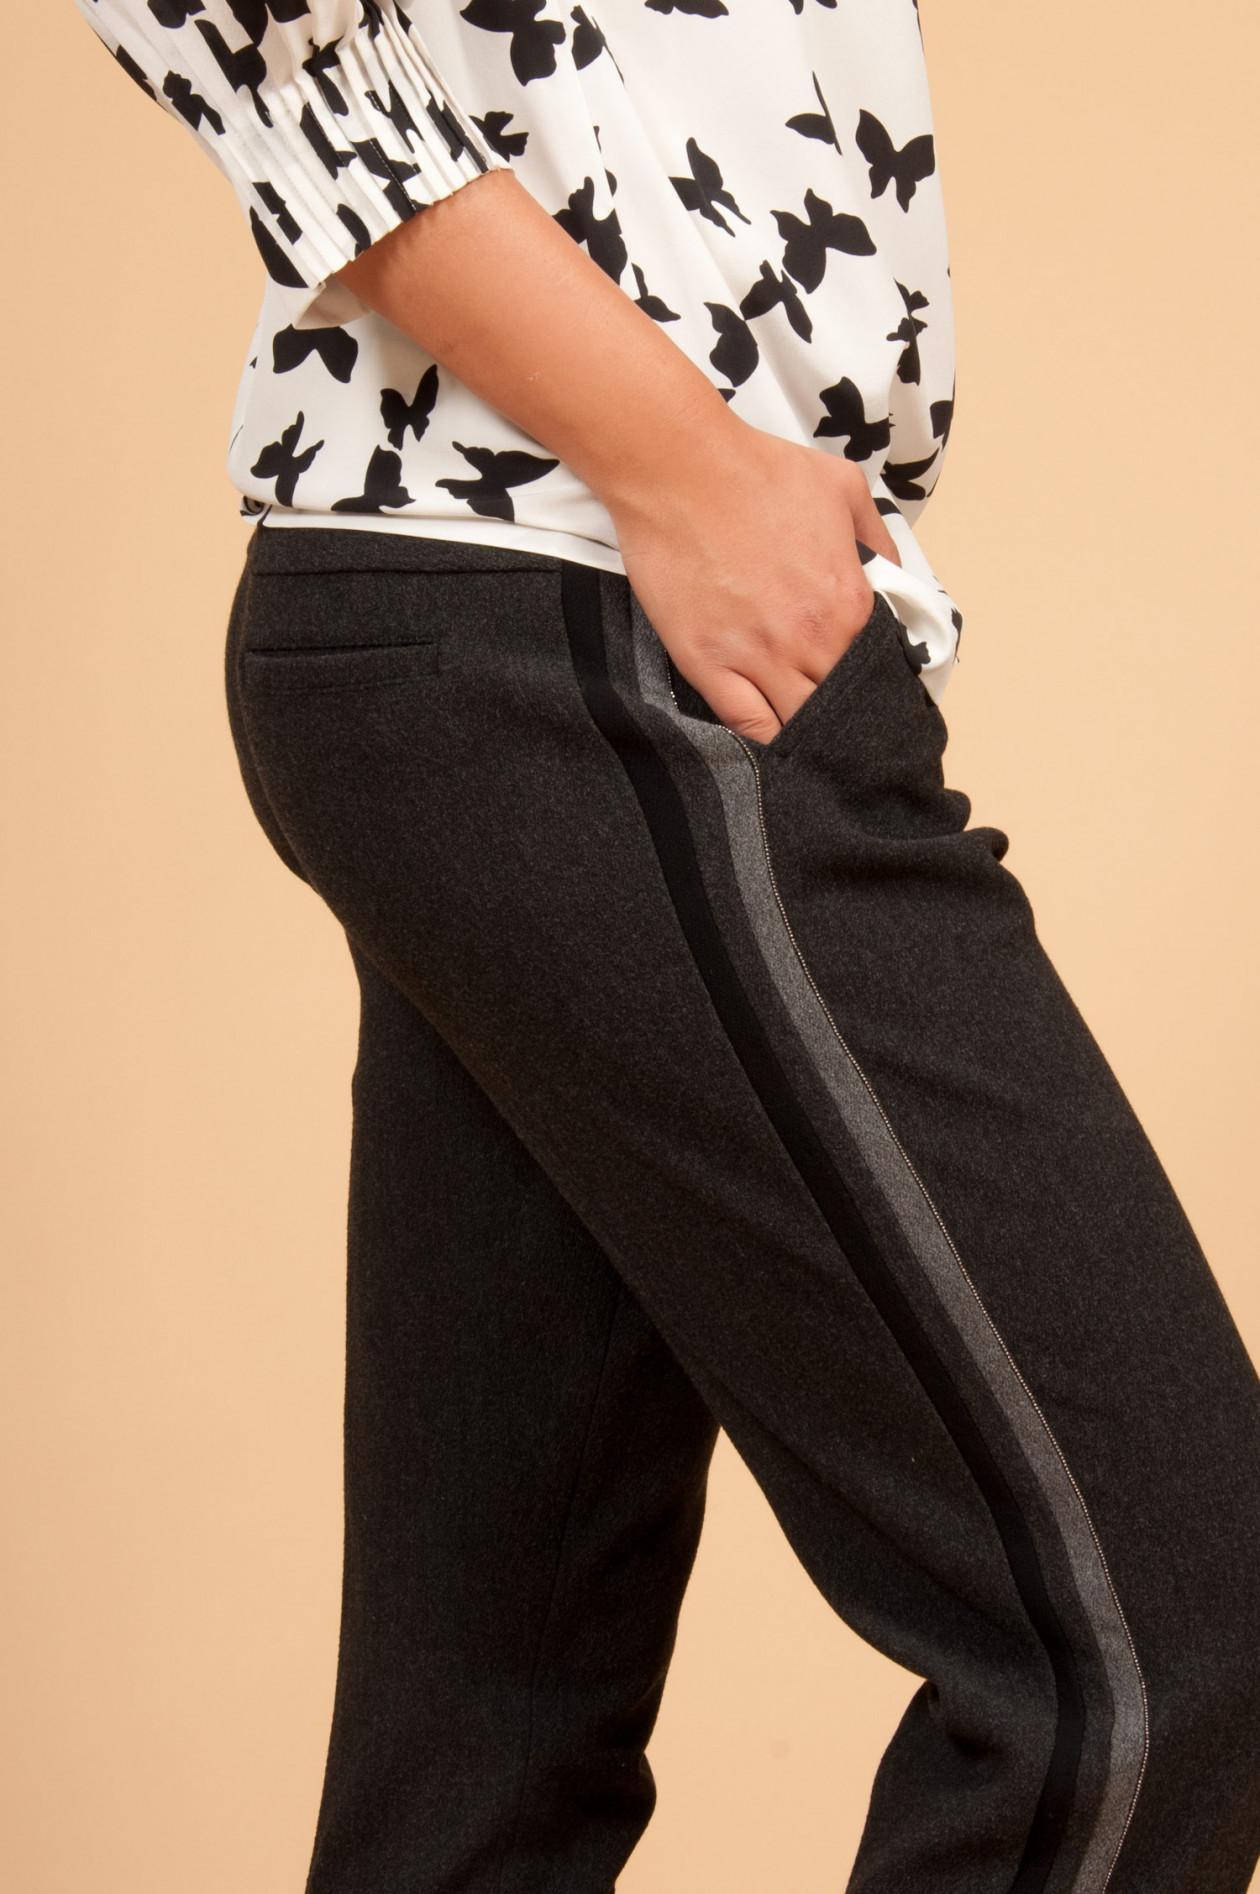 neue Sachen Online-Verkauf schnelle Farbe Hose mit Gummibund in Antra